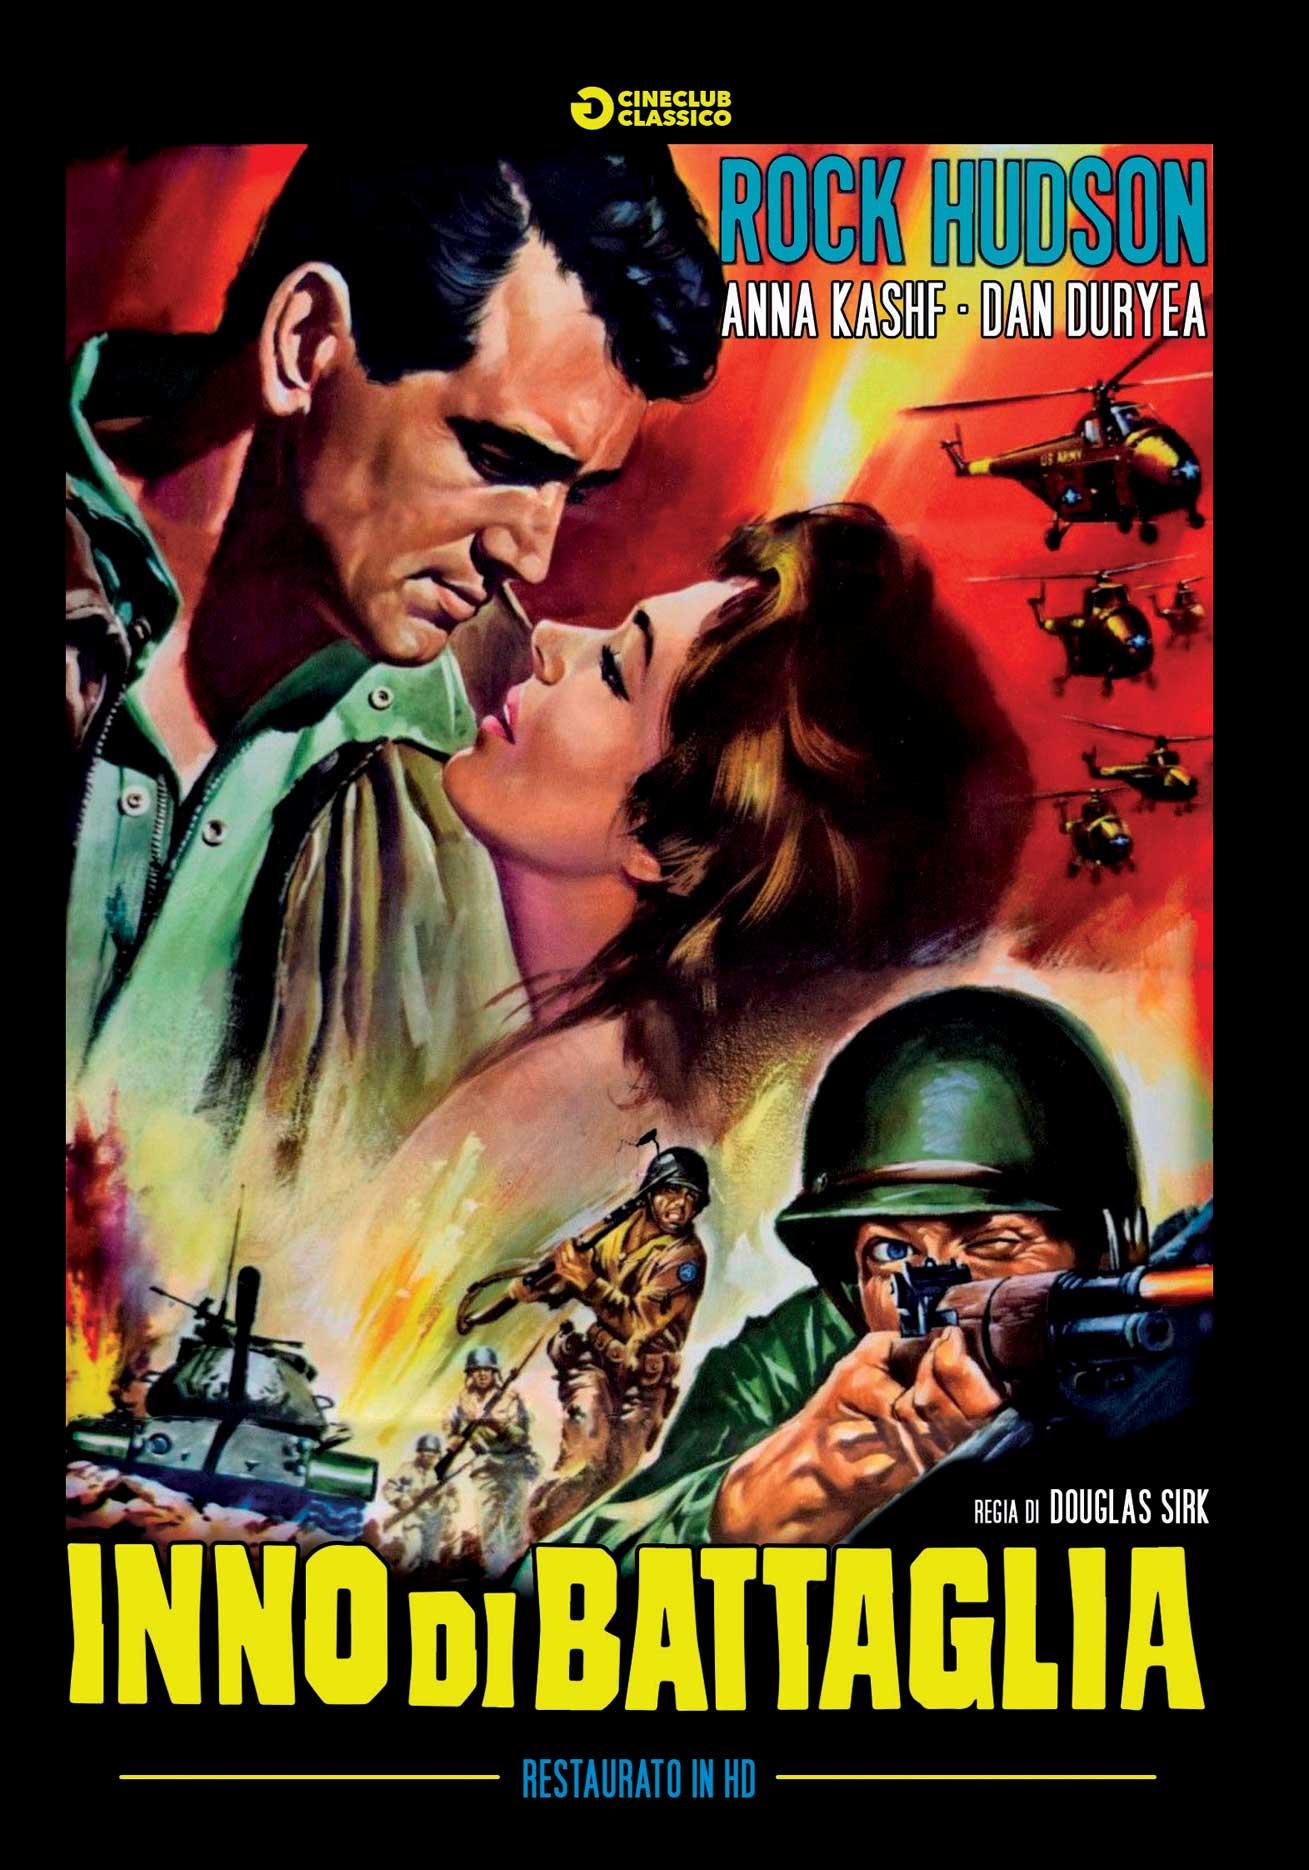 INNO DI BATTAGLIA (RESTAURATO IN HD) (DVD)